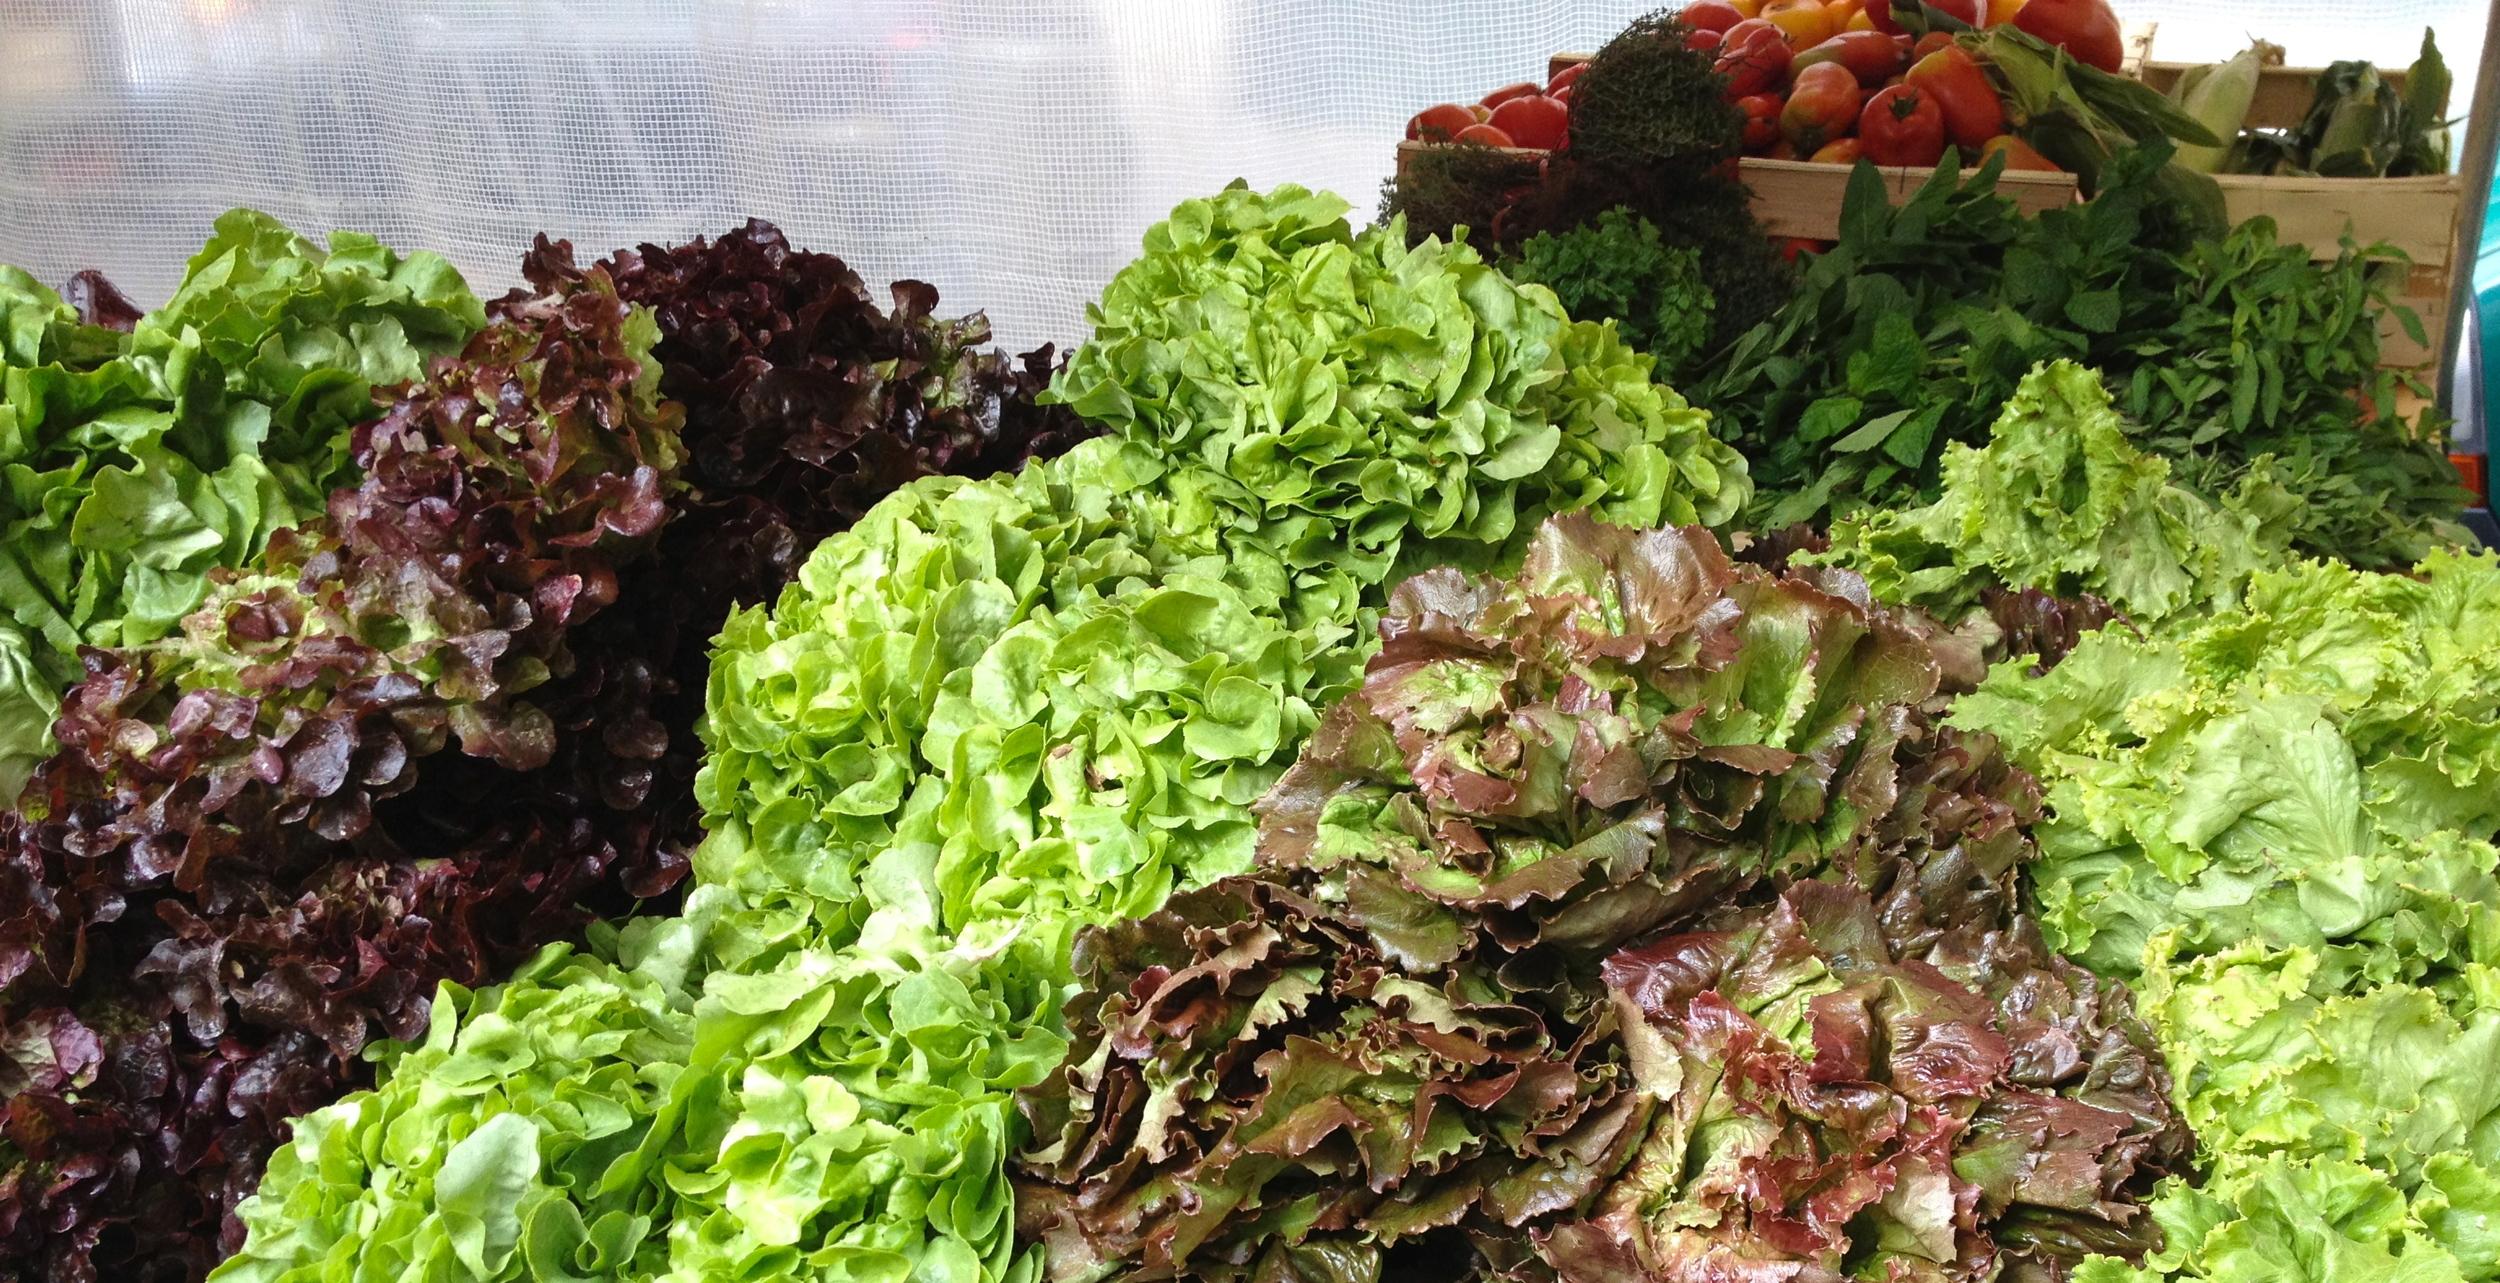 Lettuce at the organic market in Paris